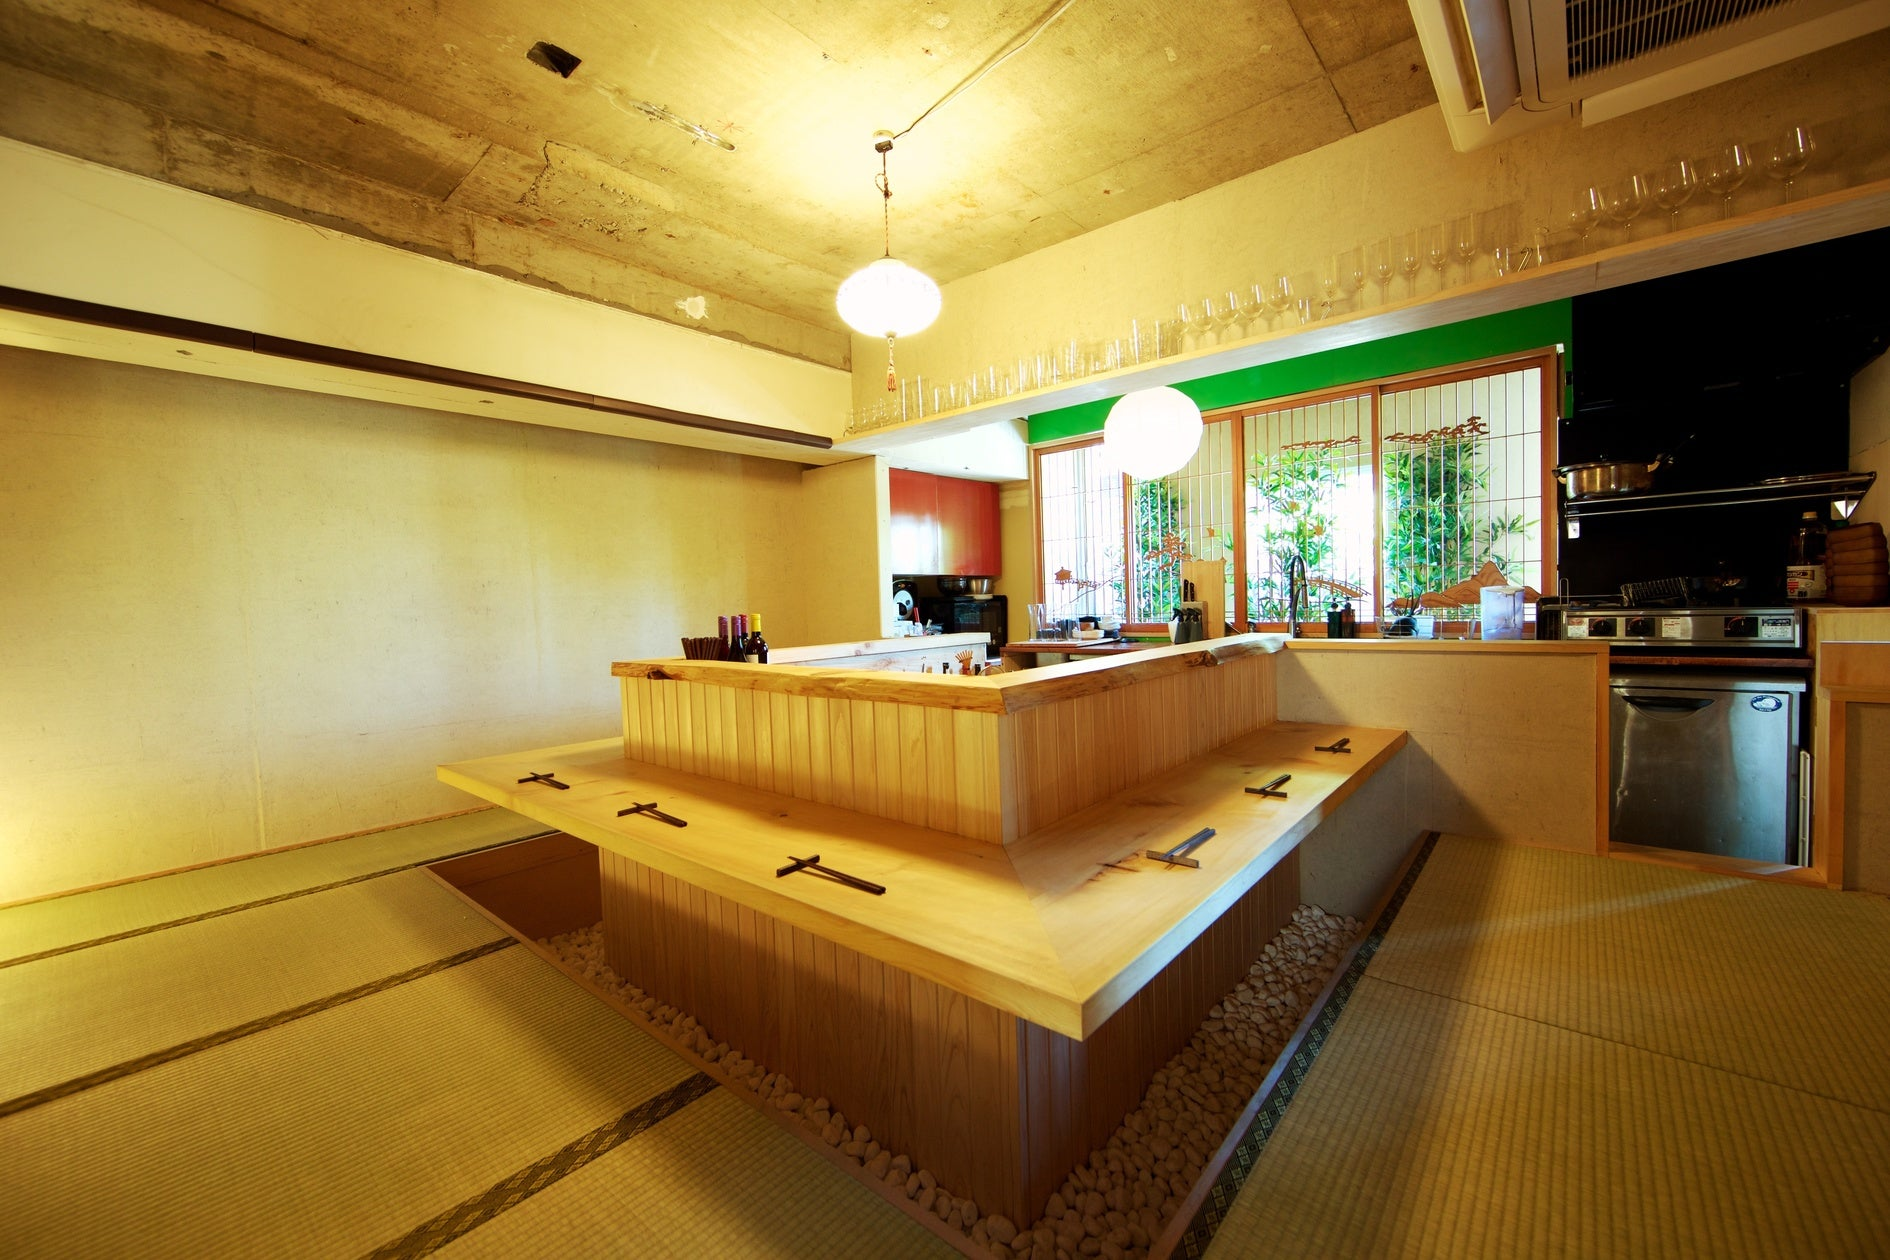 【渋谷、原宿、キャットストリート、神宮前】TATAMIデザイン!!非日常を体験する。